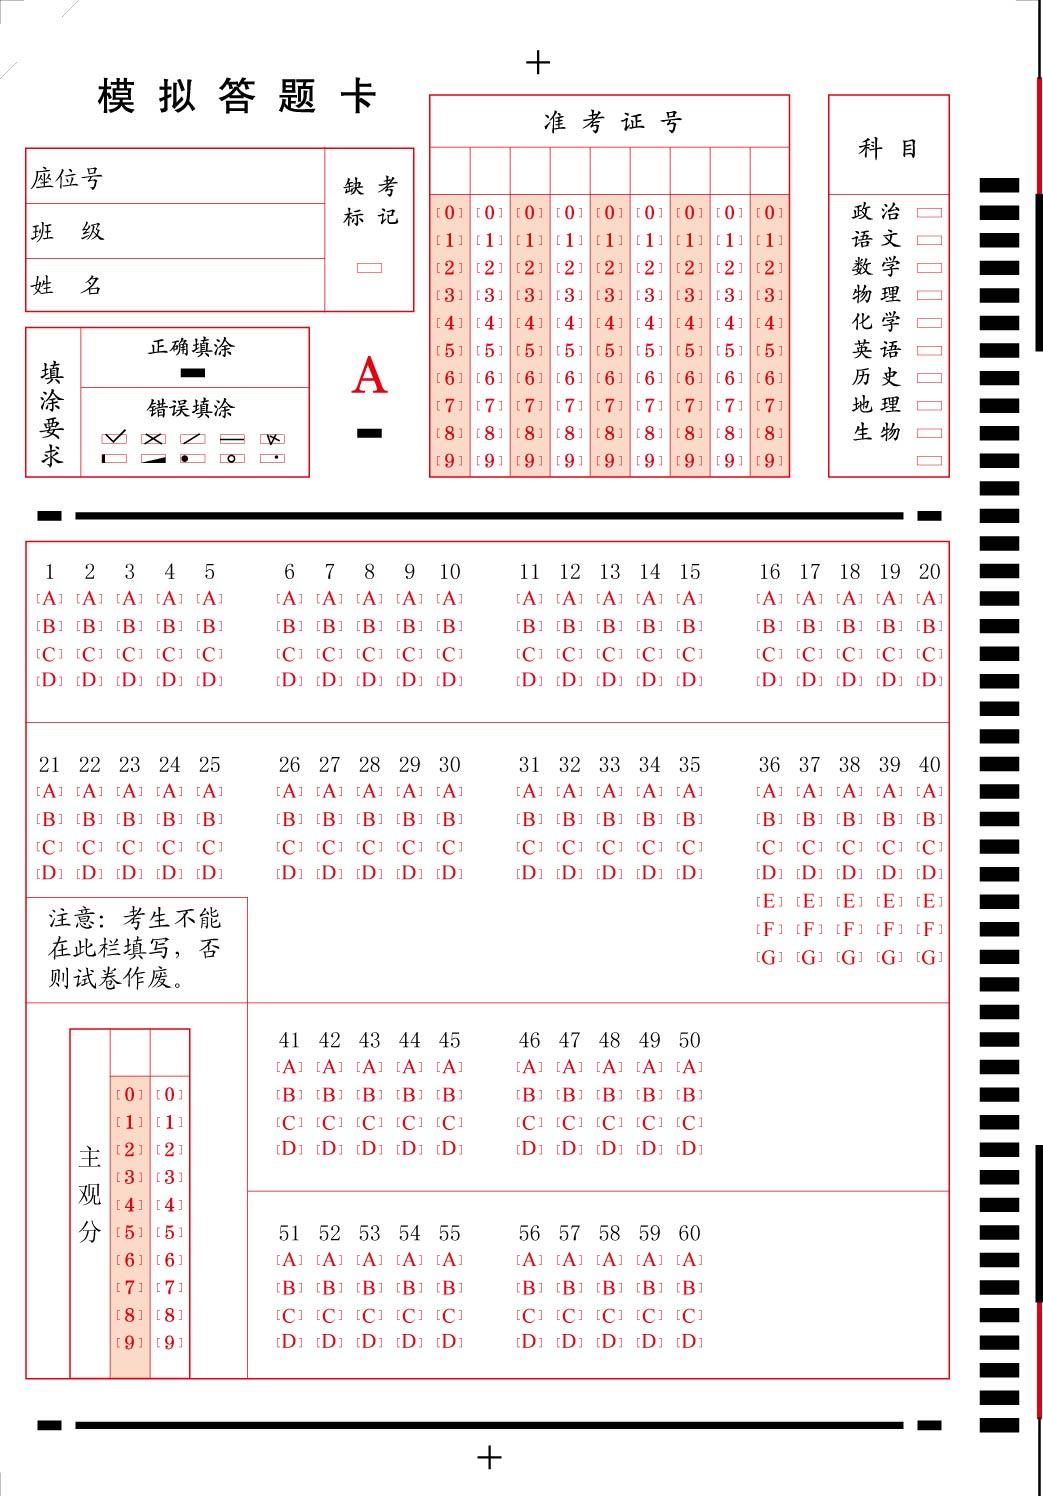 Экзамен Общий английский лист ответов 60 вопросов перекрестный выбор 32K 10000 листов / коробка свет стандартный читатель для Карта считывания машины